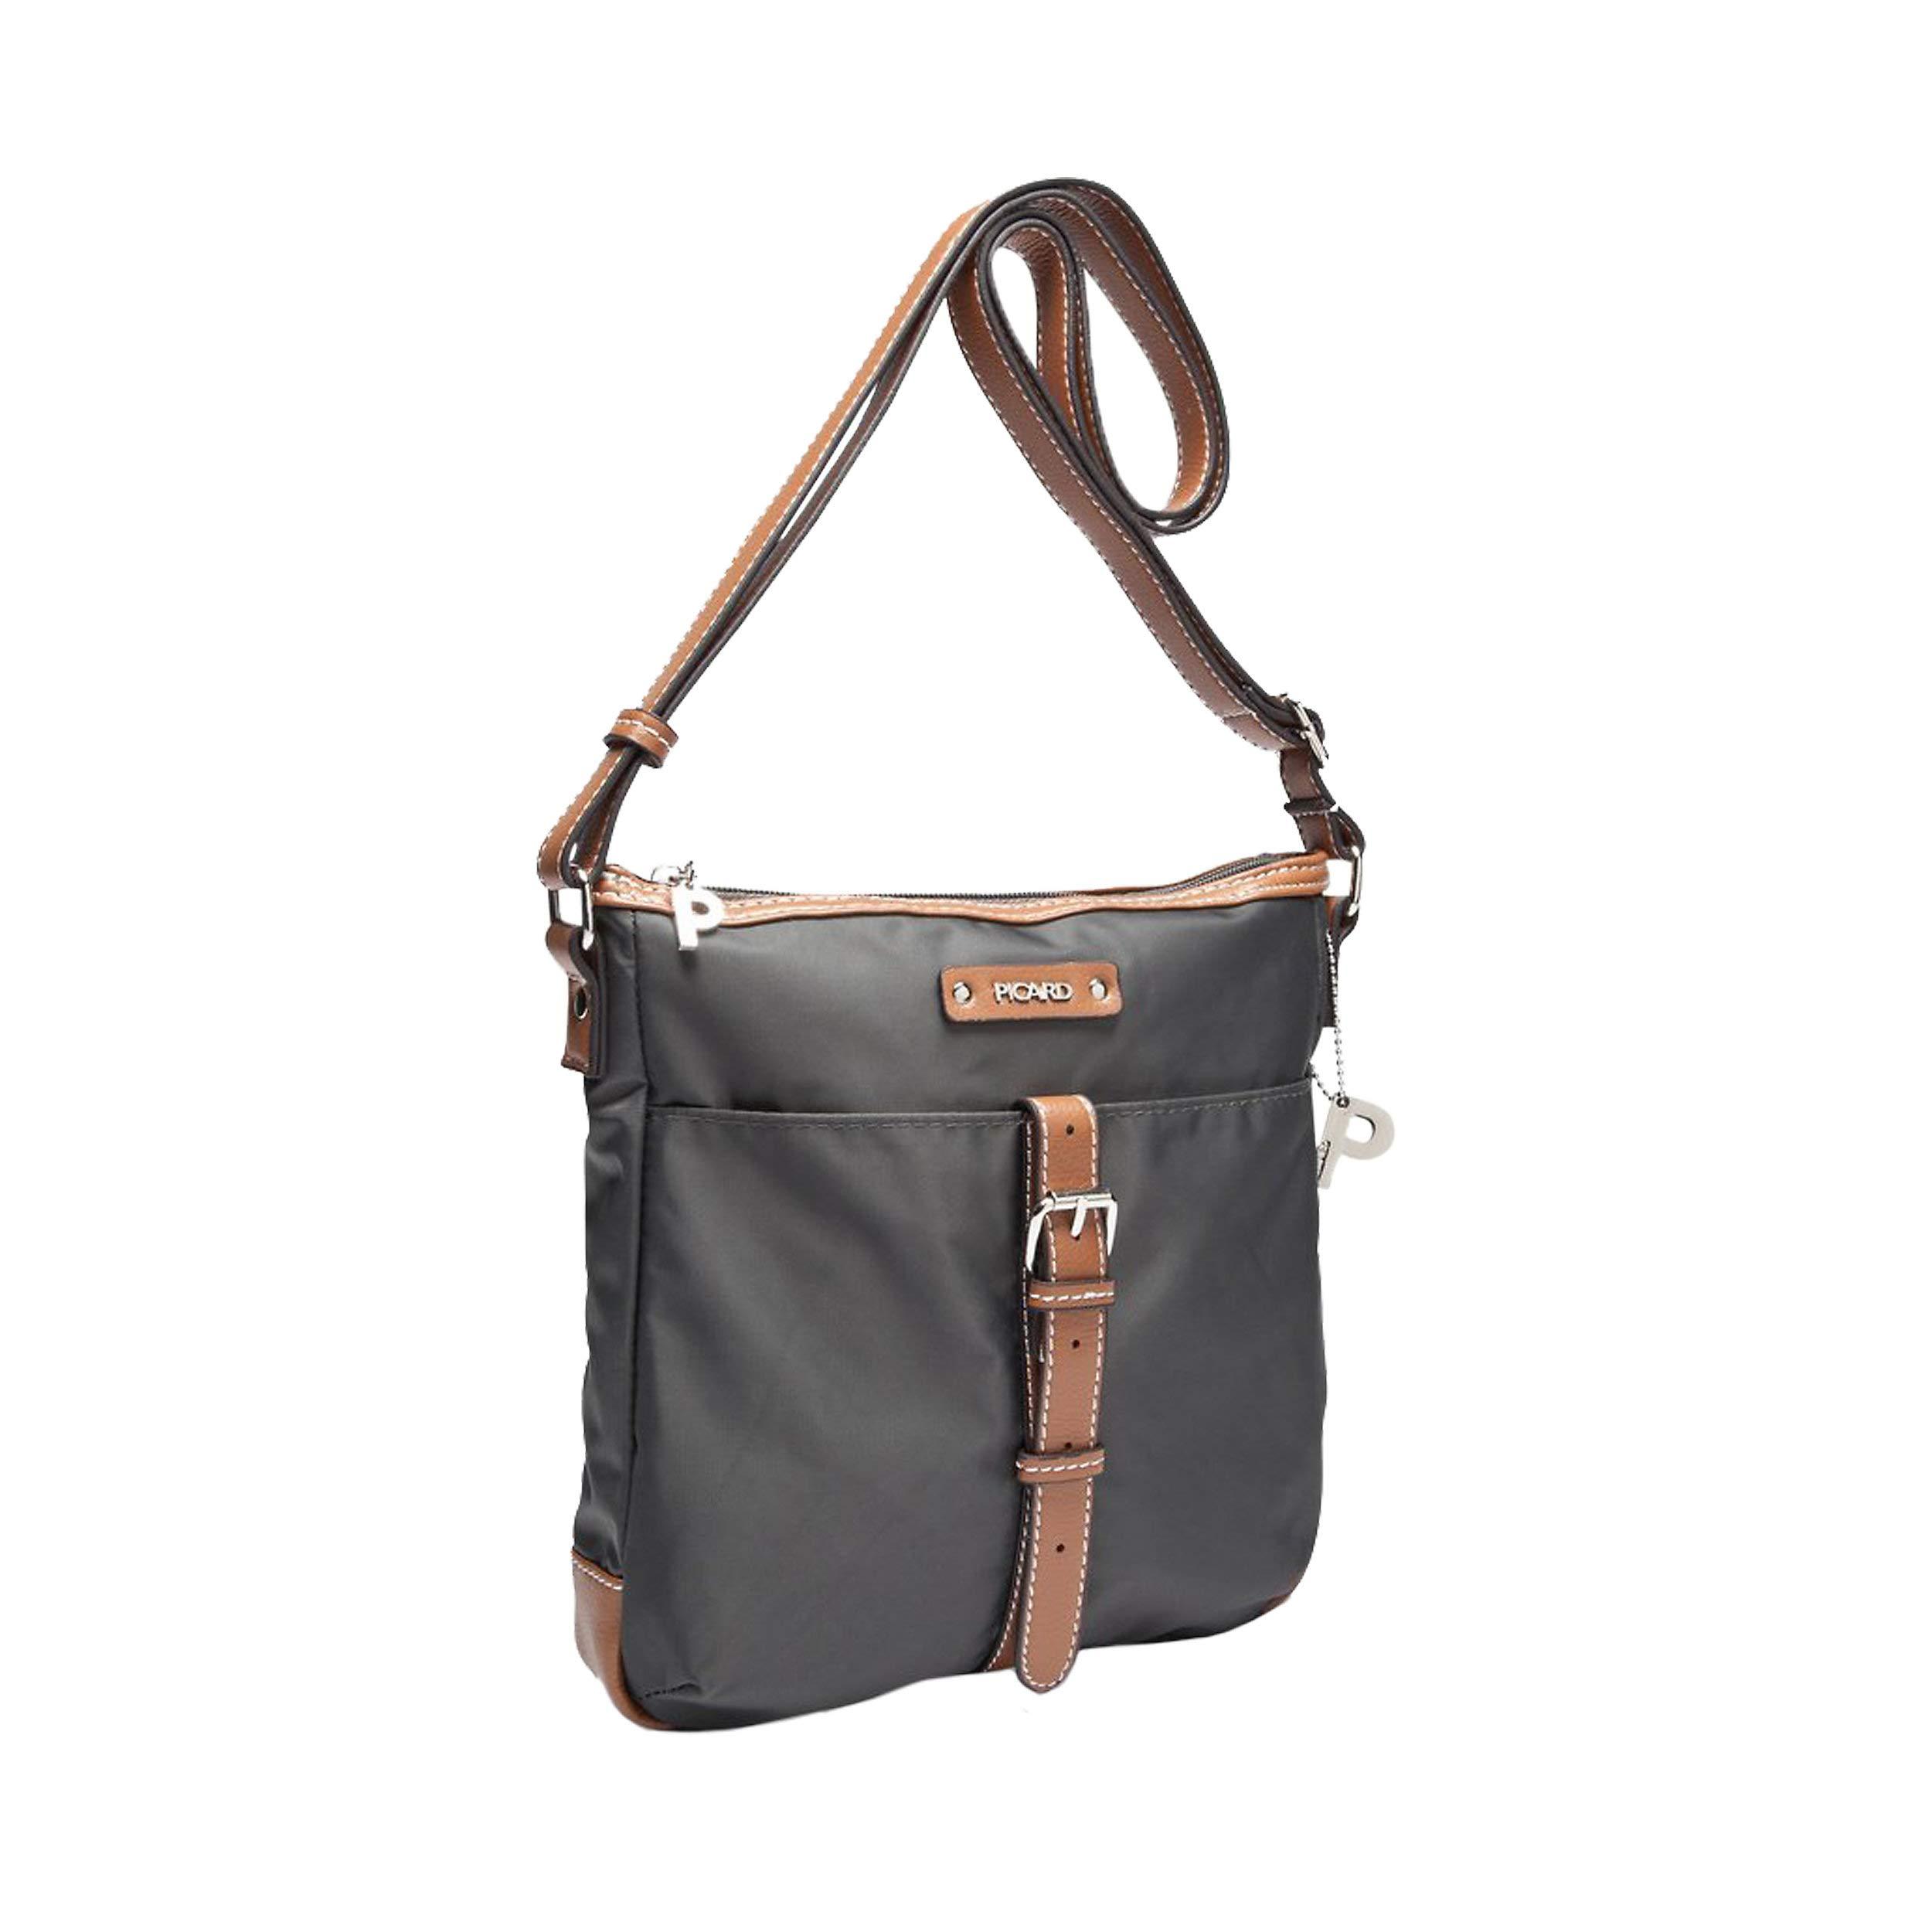 Picard Handtaschen Taschen 7830 anthrazit Grau NQnGx